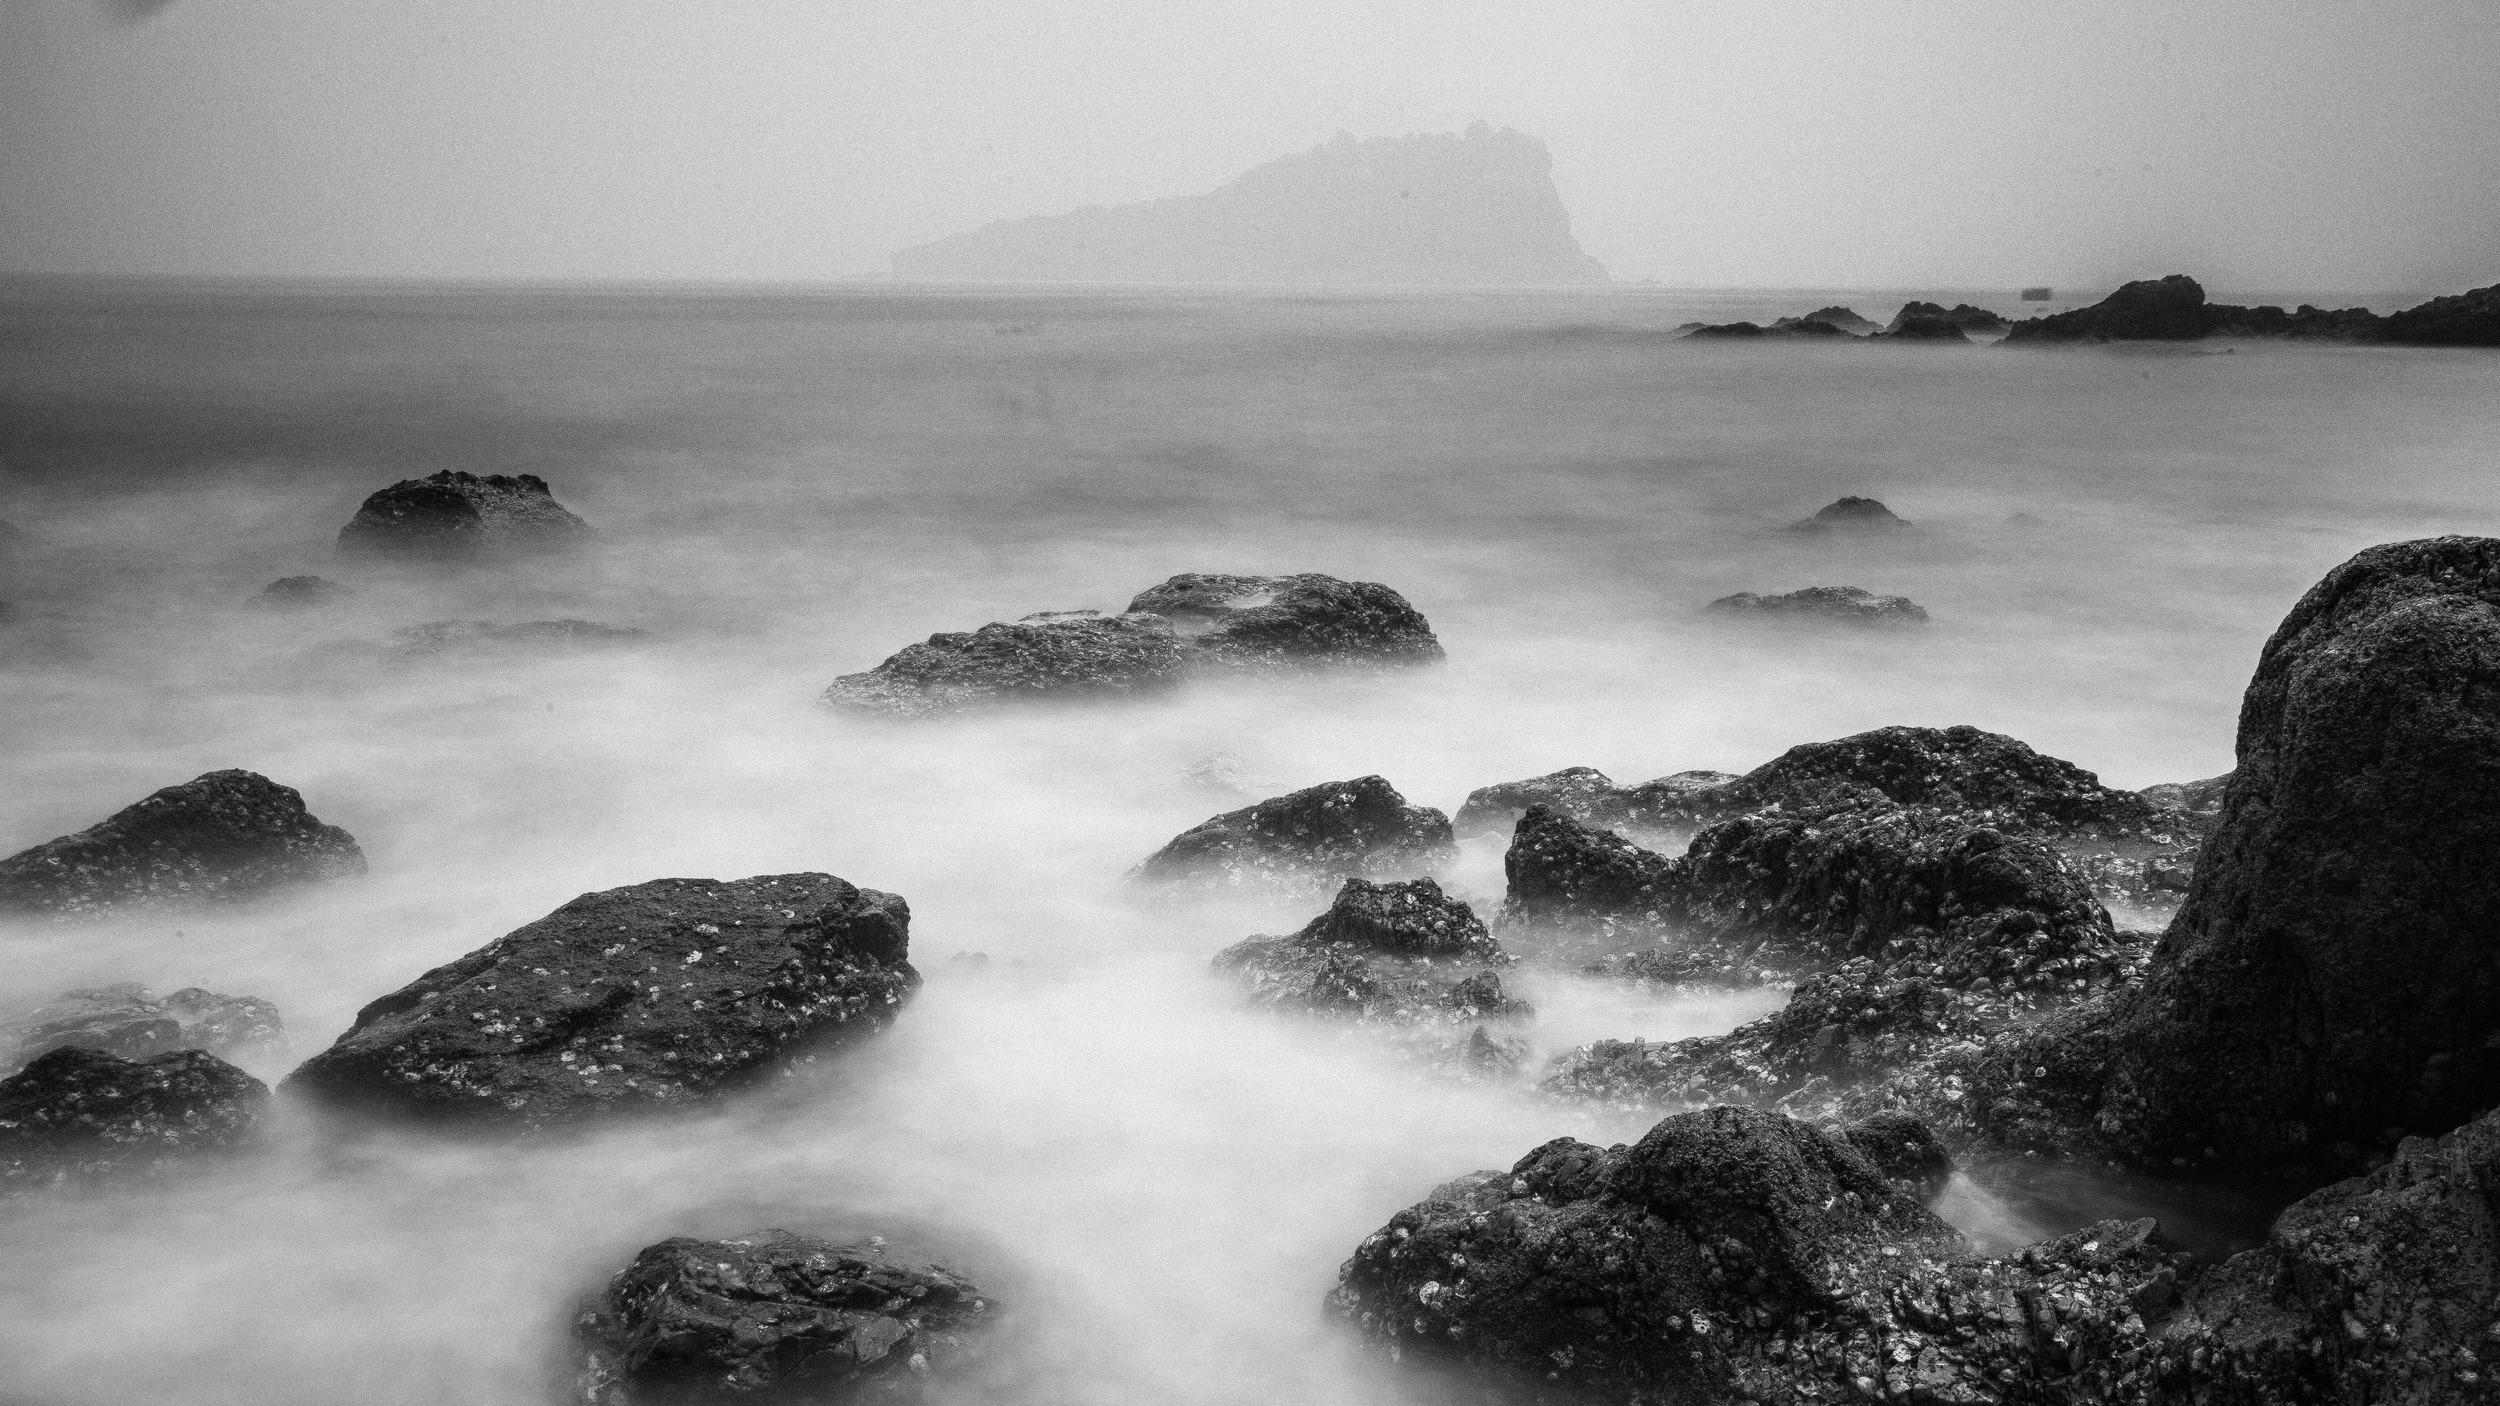 Dalian - Seascape